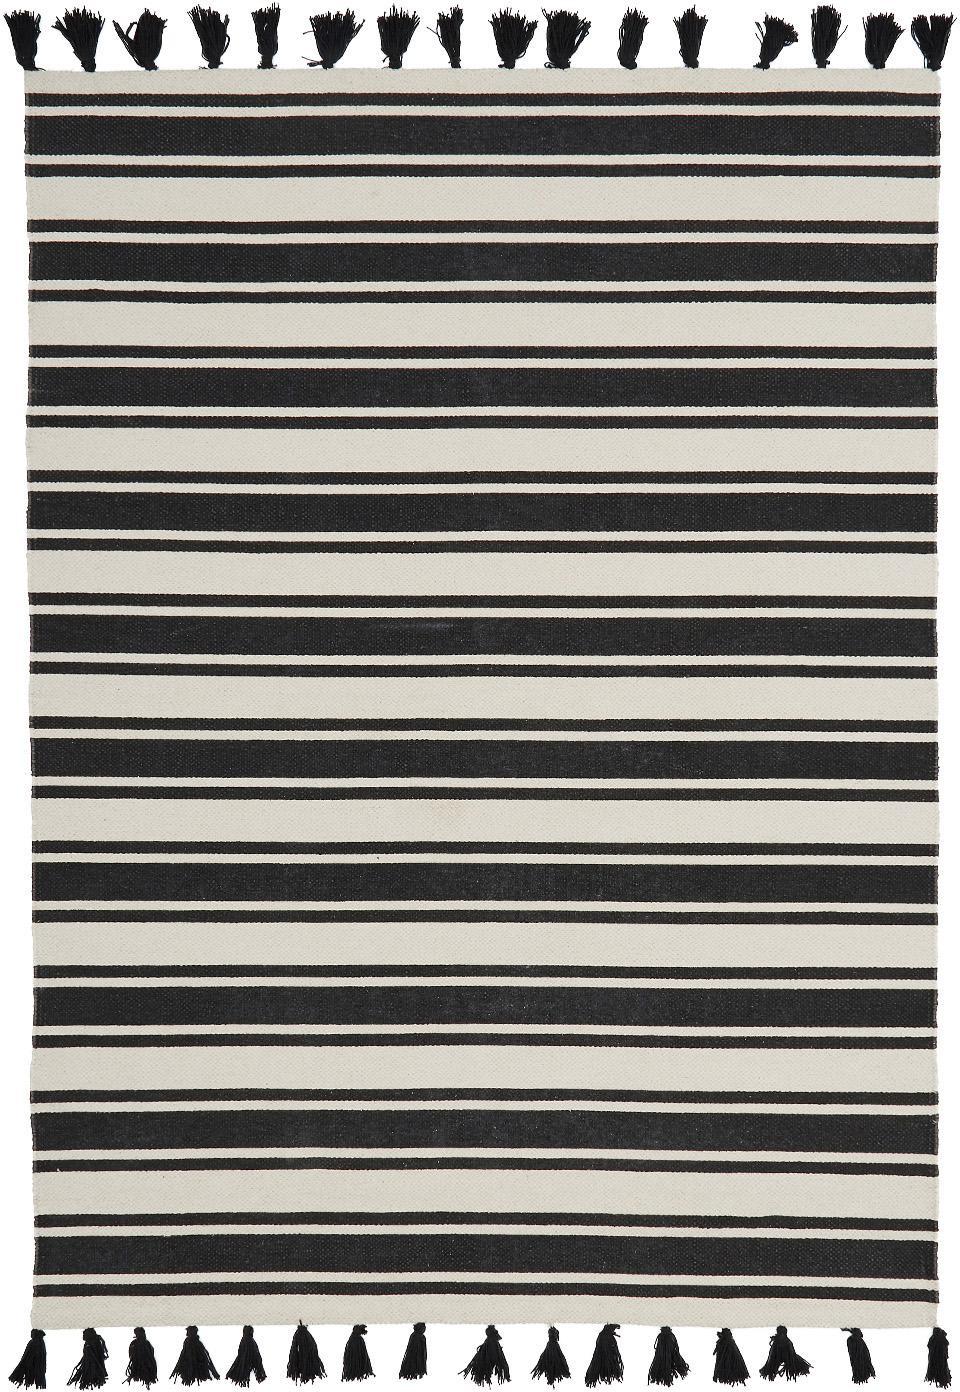 Dywan z bawełny w paski Vigga z chwostami, ręcznie tkany, Czarny, beżowy, S 120 x D 180 cm (Rozmiar S)